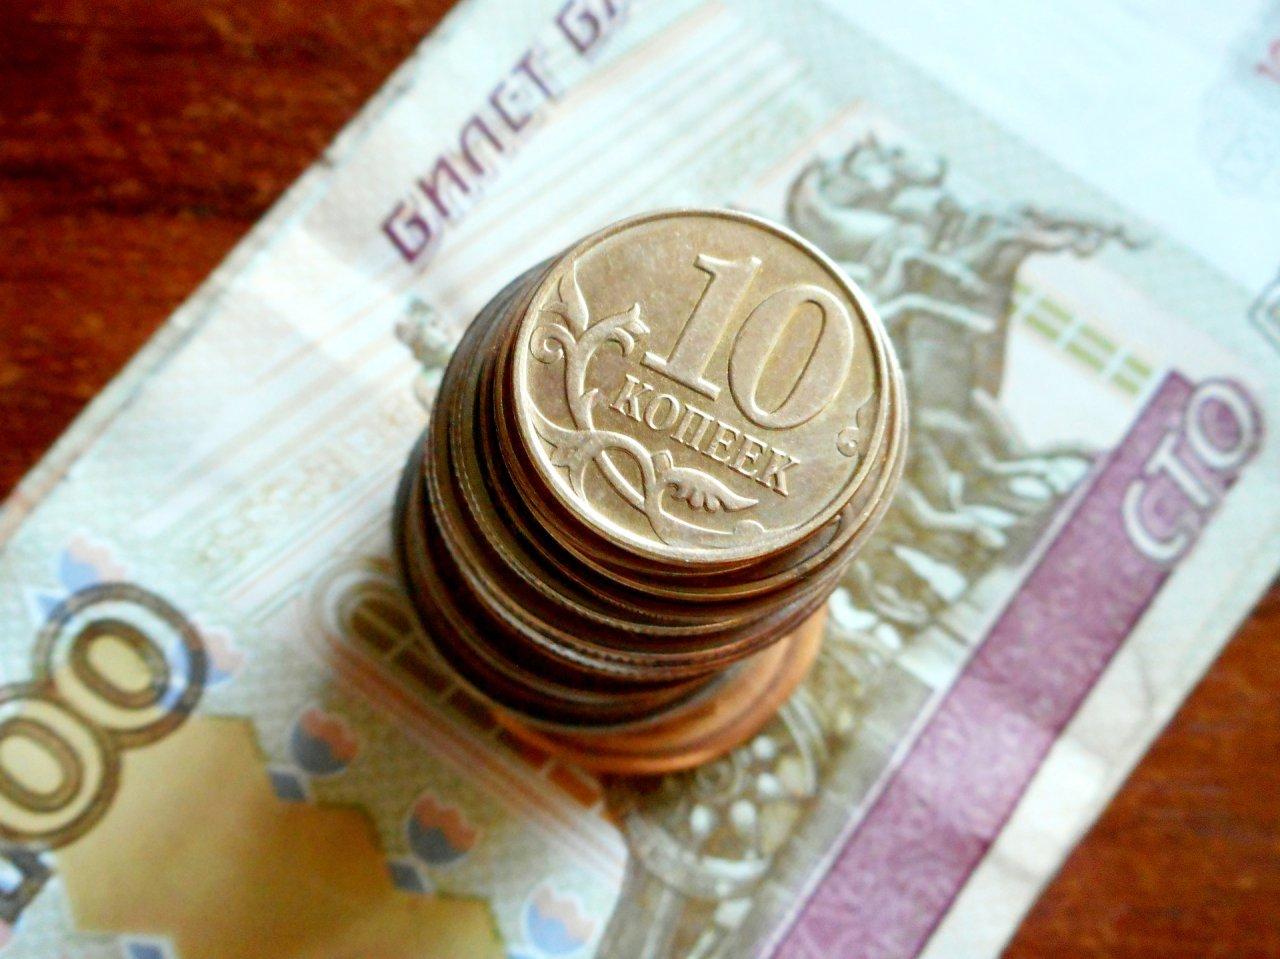 Банк «Открытие»: во втором полугодии можно ожидать укрепления рубля